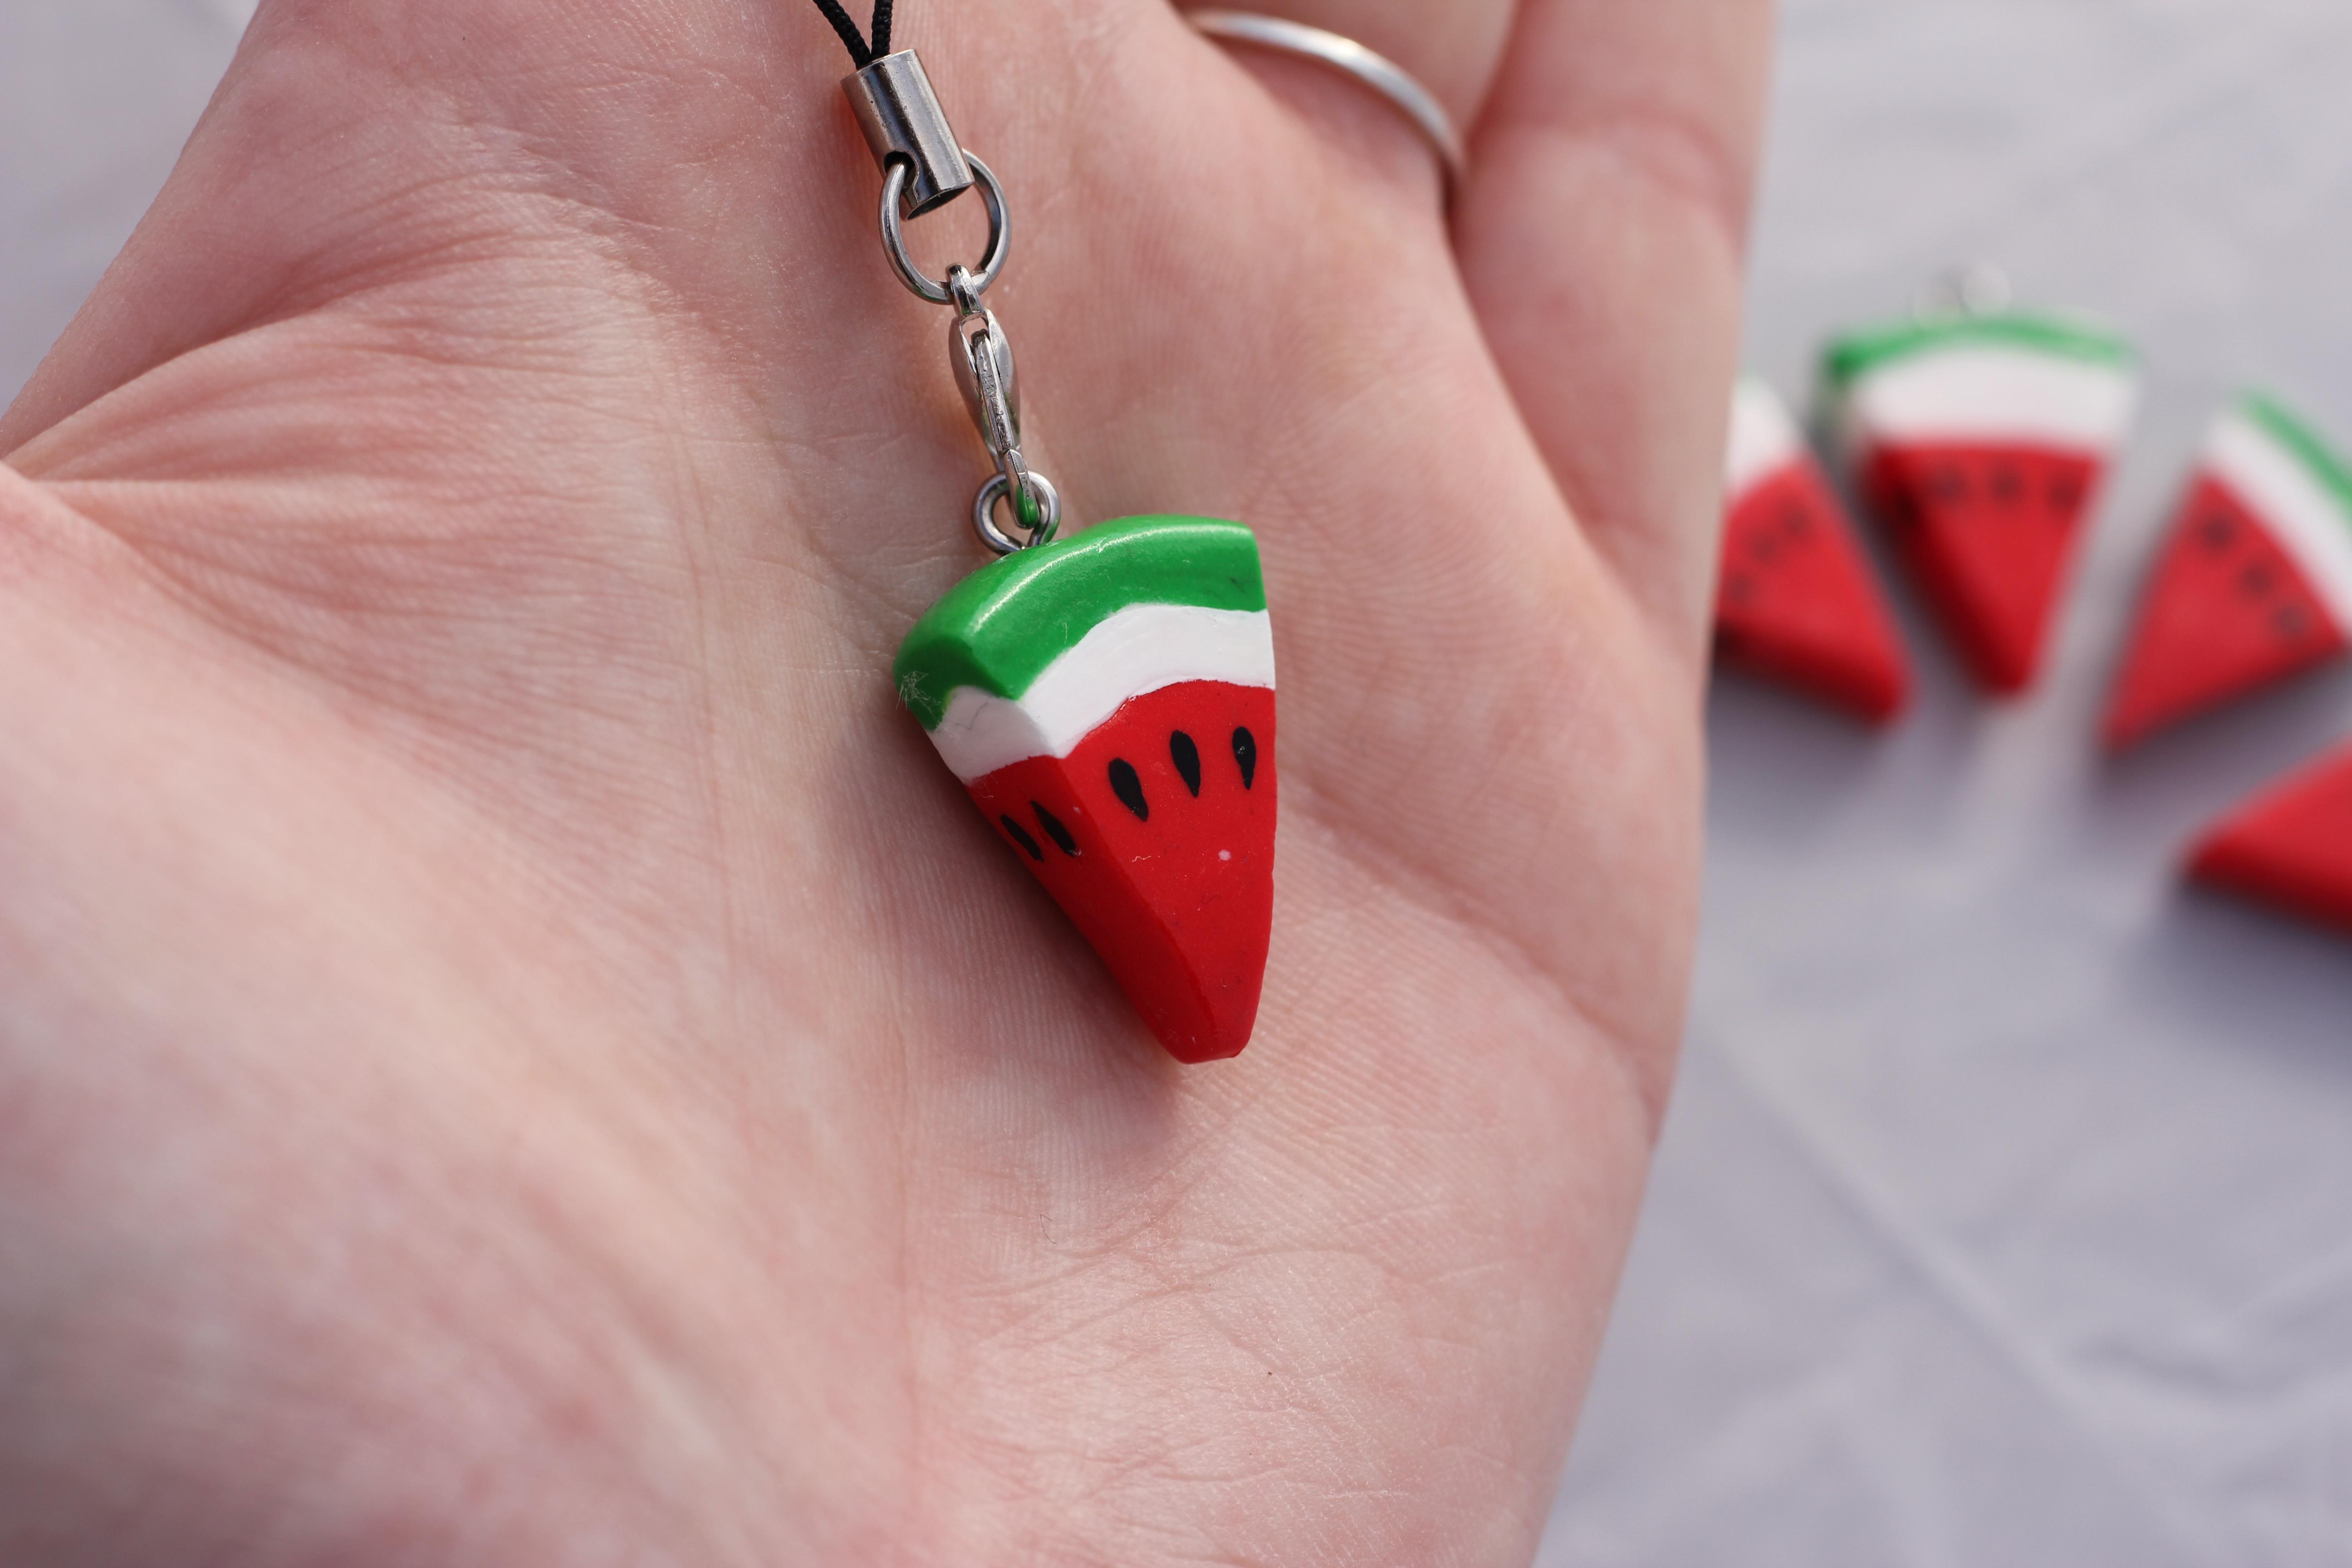 Sind Sie Nicht Süß? Die Kleinen Melonen Stücke Aus FIMO? Bis Jetzt Ist Es  Eigentlich Nicht Einer Meiner Lieblingsbeschäftigung Kleine Figuren  Herzustellen, ...